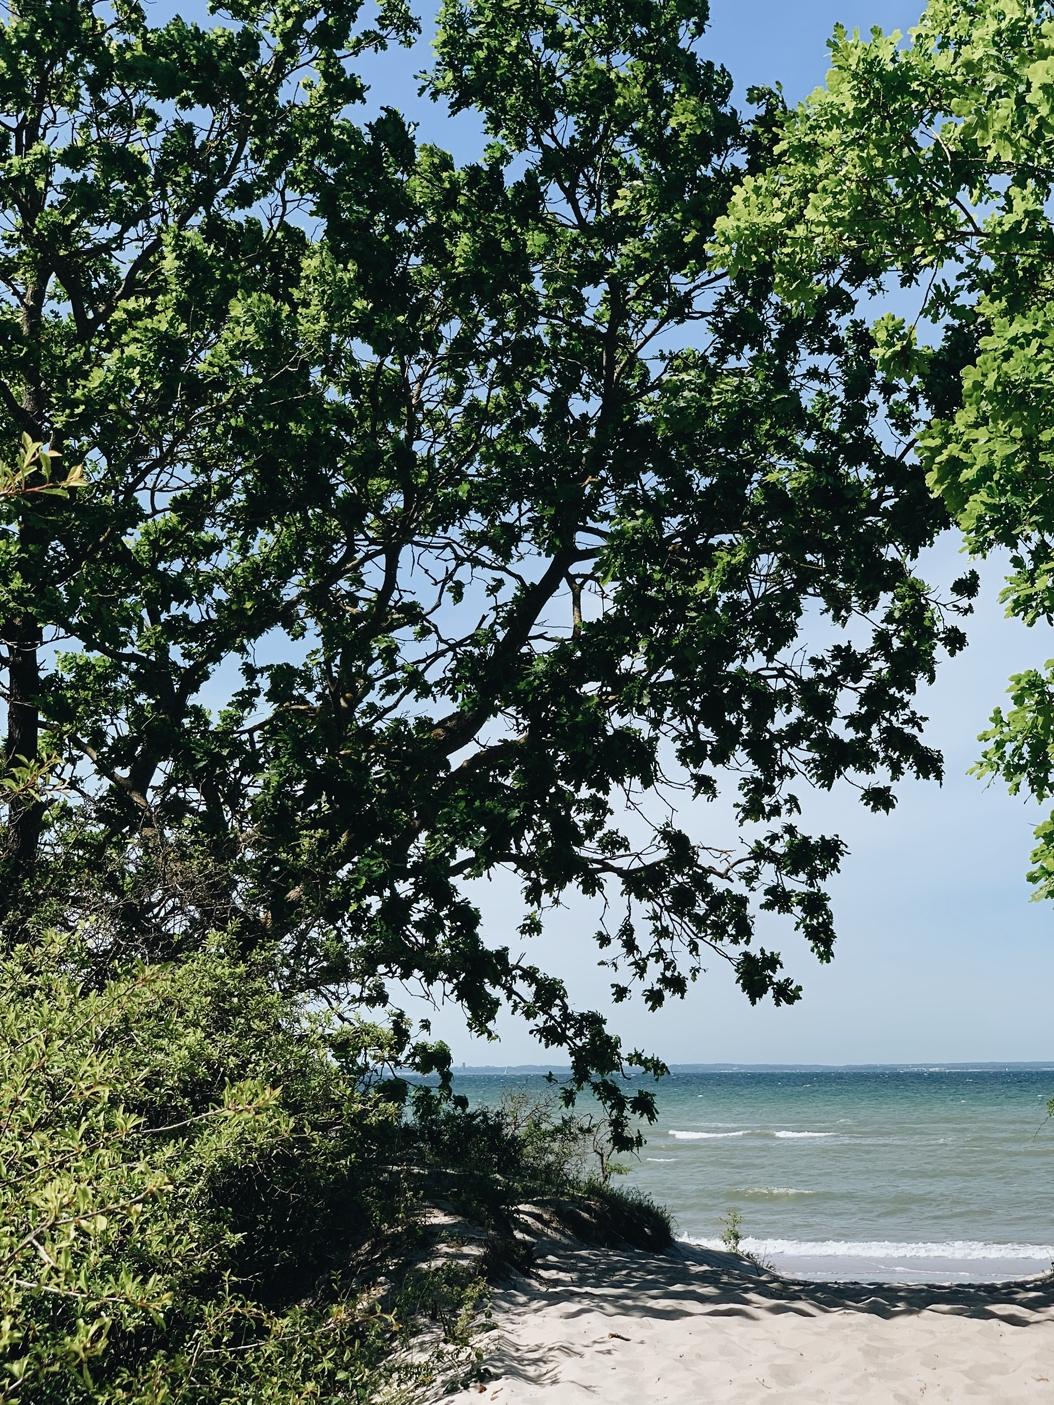 Tagebuch eines Sommers | Sonntag am Meer